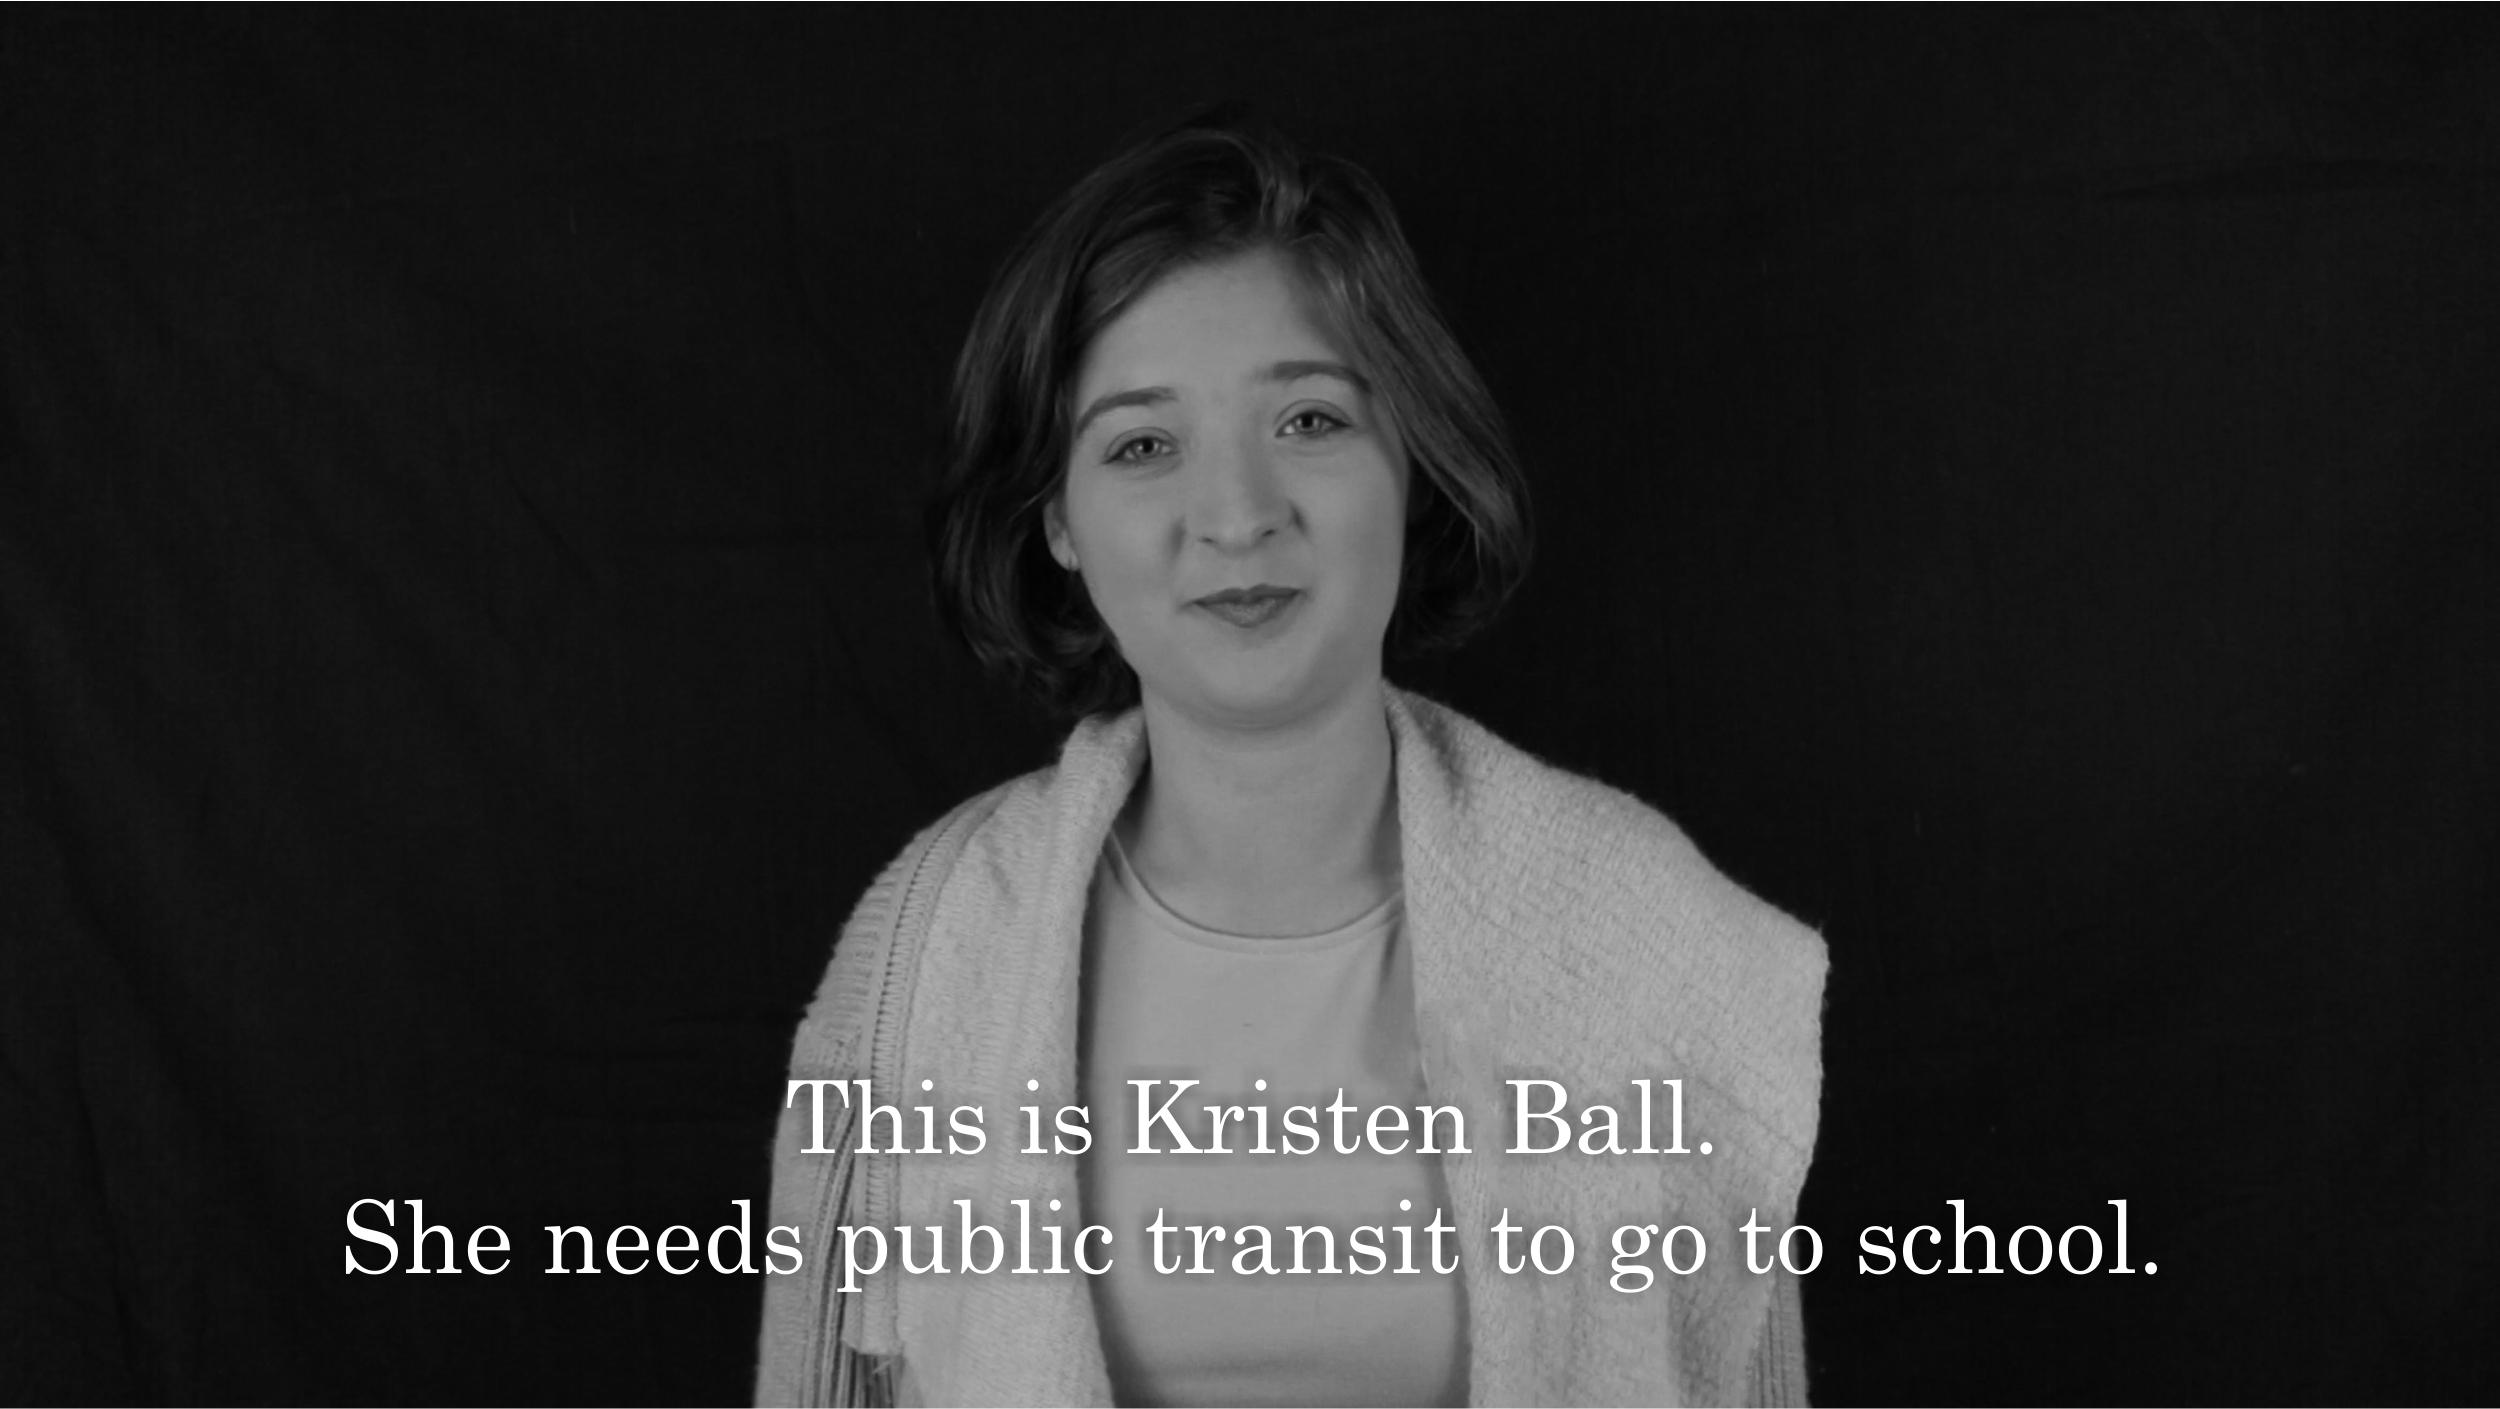 Kristen-Ball-grayscale 2.jpg